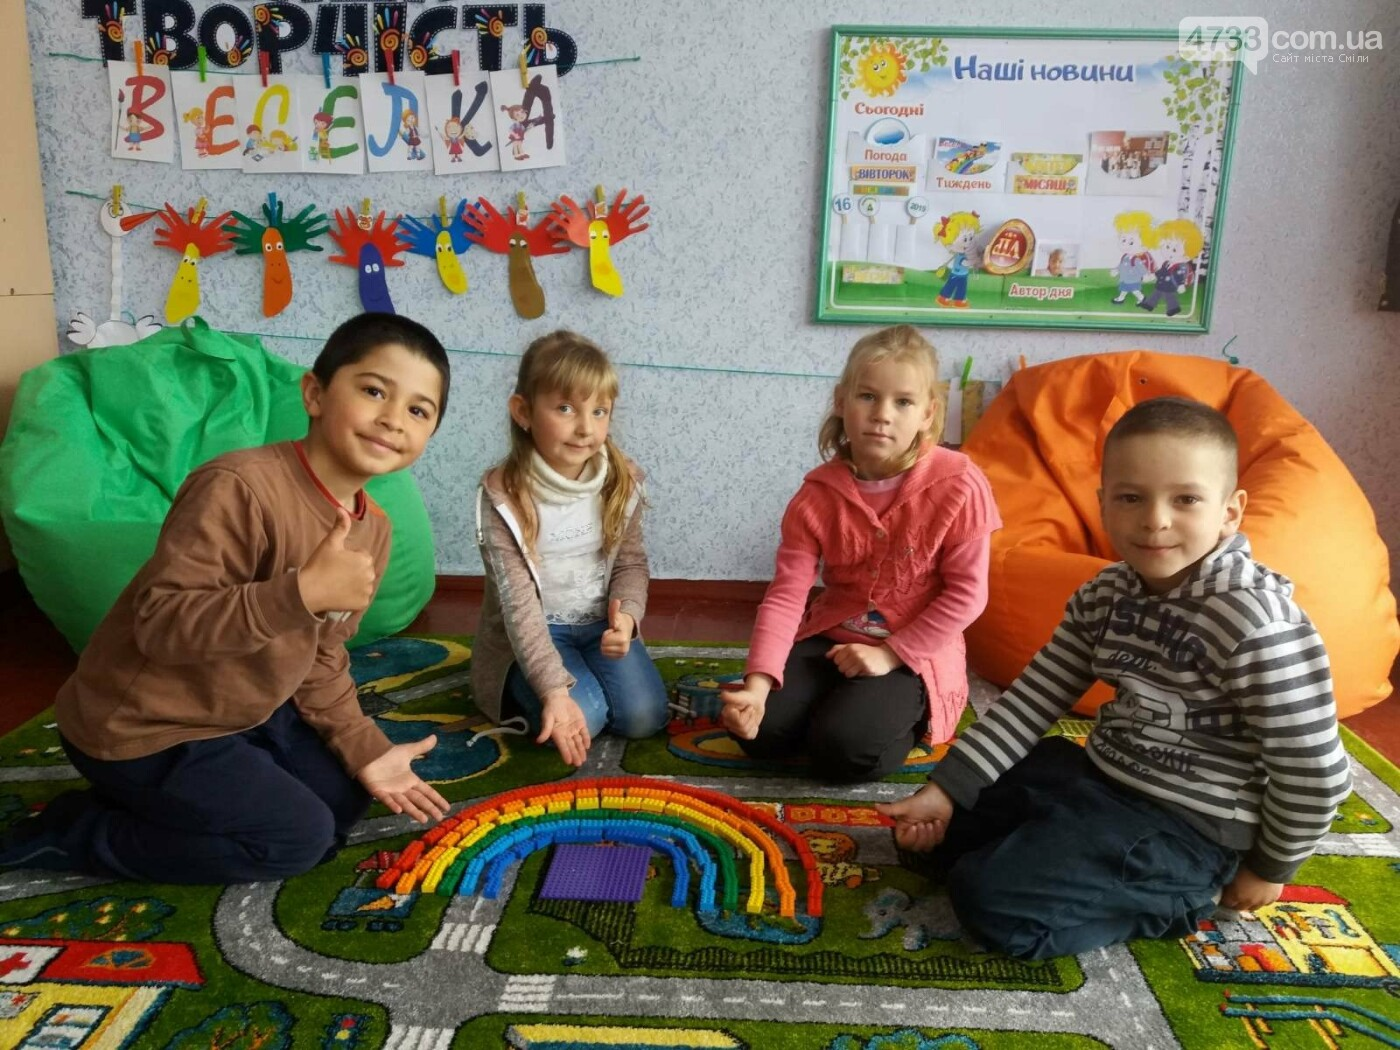 Ротмистрівська громада продовжує дбати про школярів, фото-6